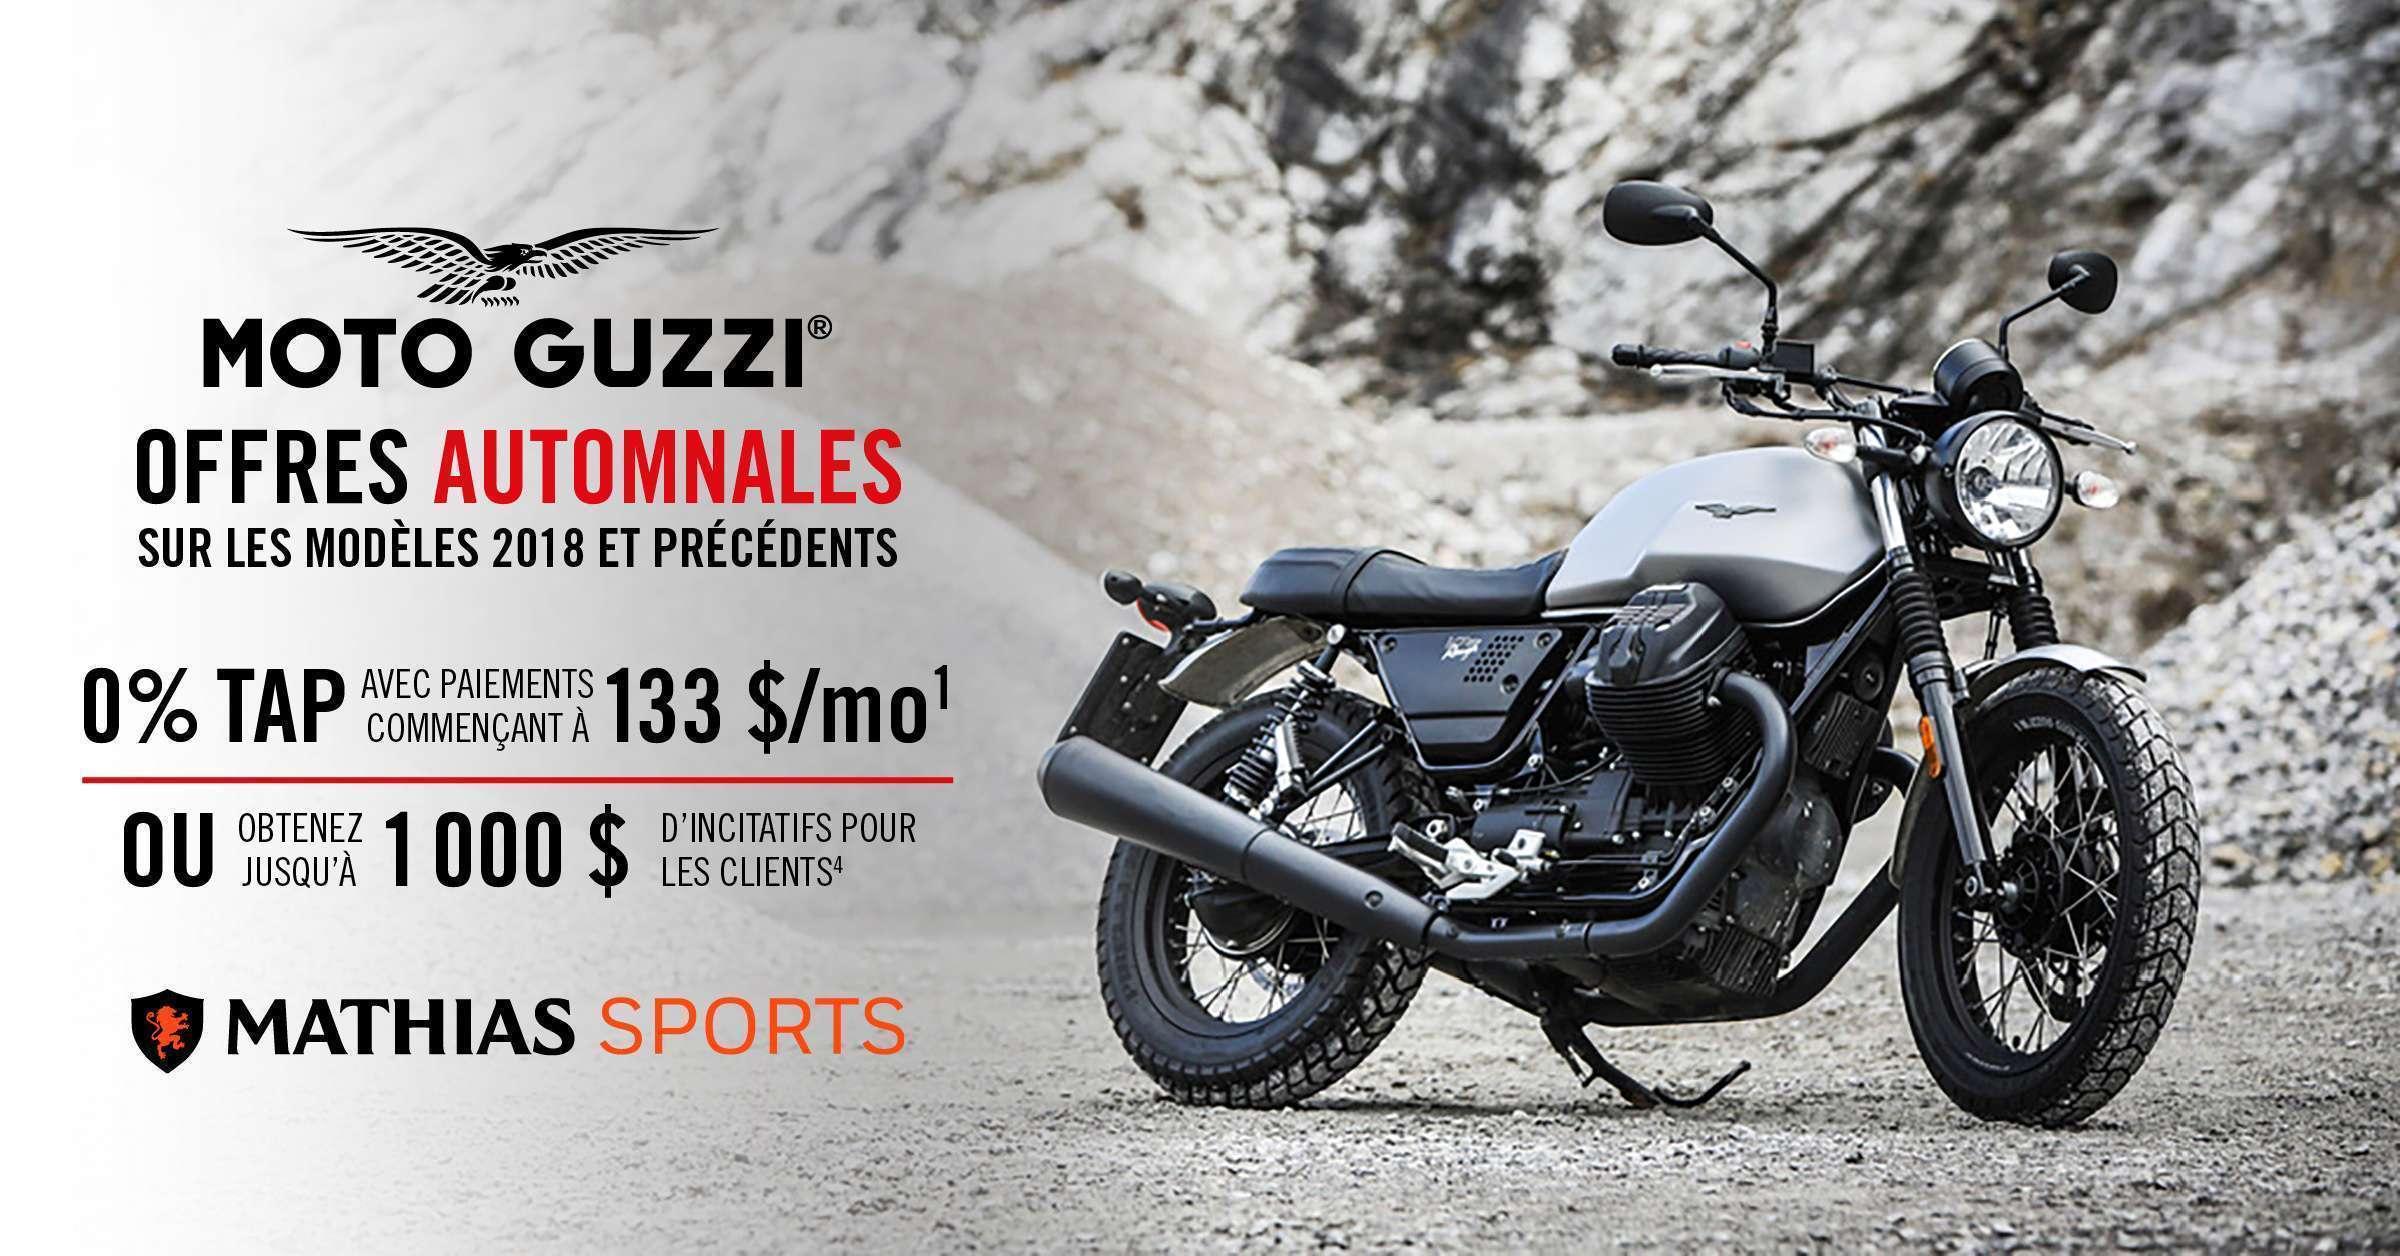 Ne passez pas à coté des offres automnales de Moto Guzzi!